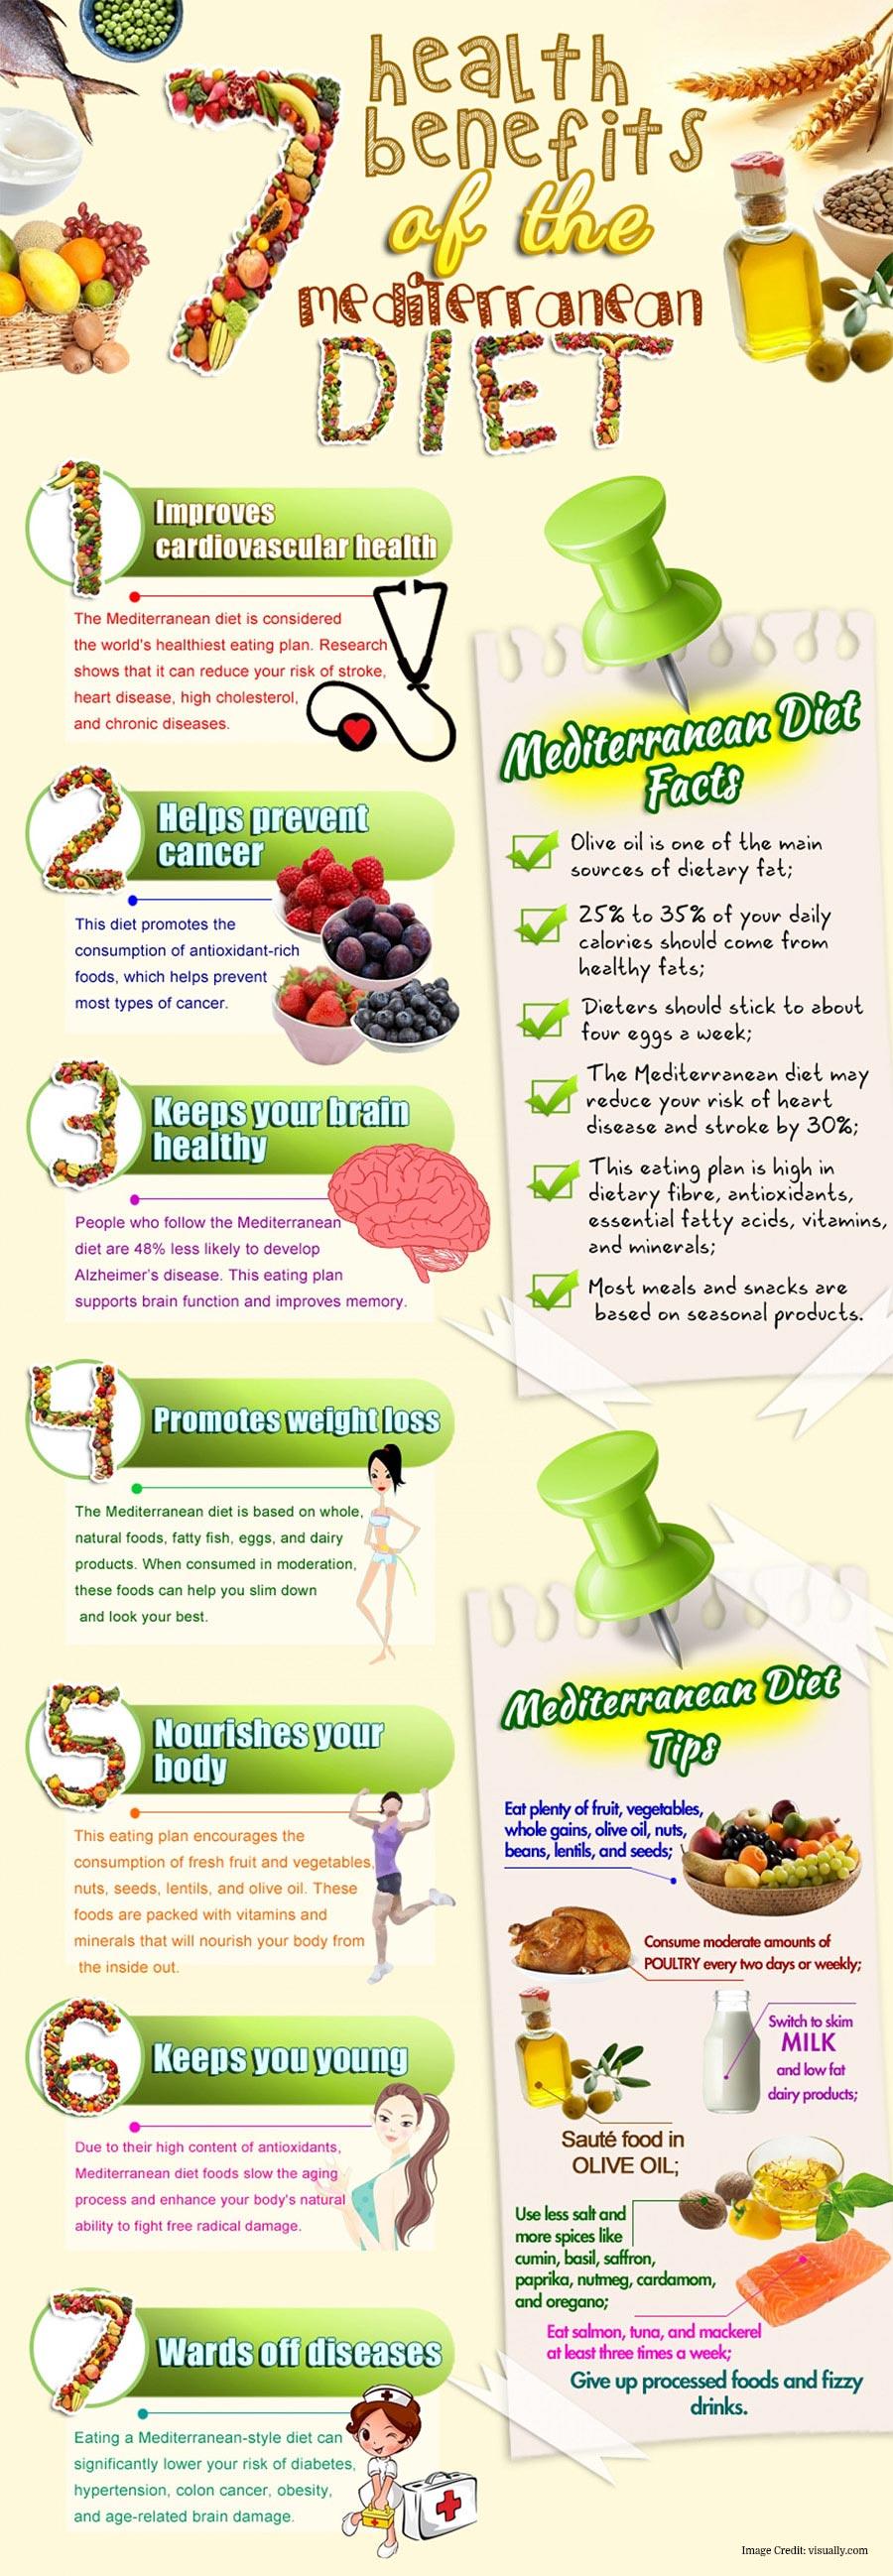 Lowest-Ranking Diet